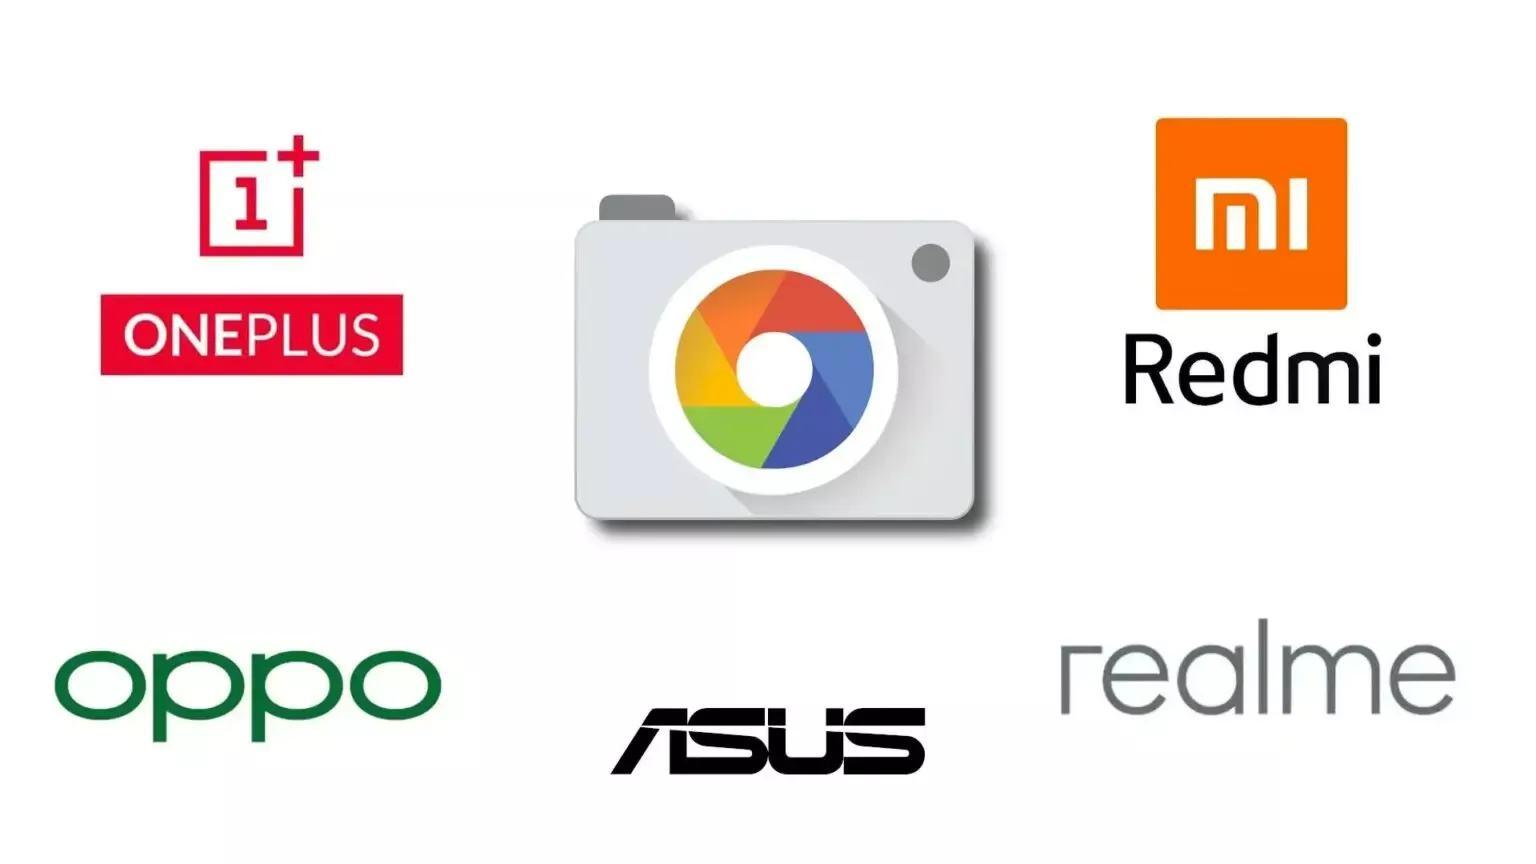 Download New Google Camera 2021: GCam 7.6, GCam 7.4, GCam 8.3, and GCam 8.1 for Realme, OnePlus, Xiaomi, Redmi, POCO, OPPO